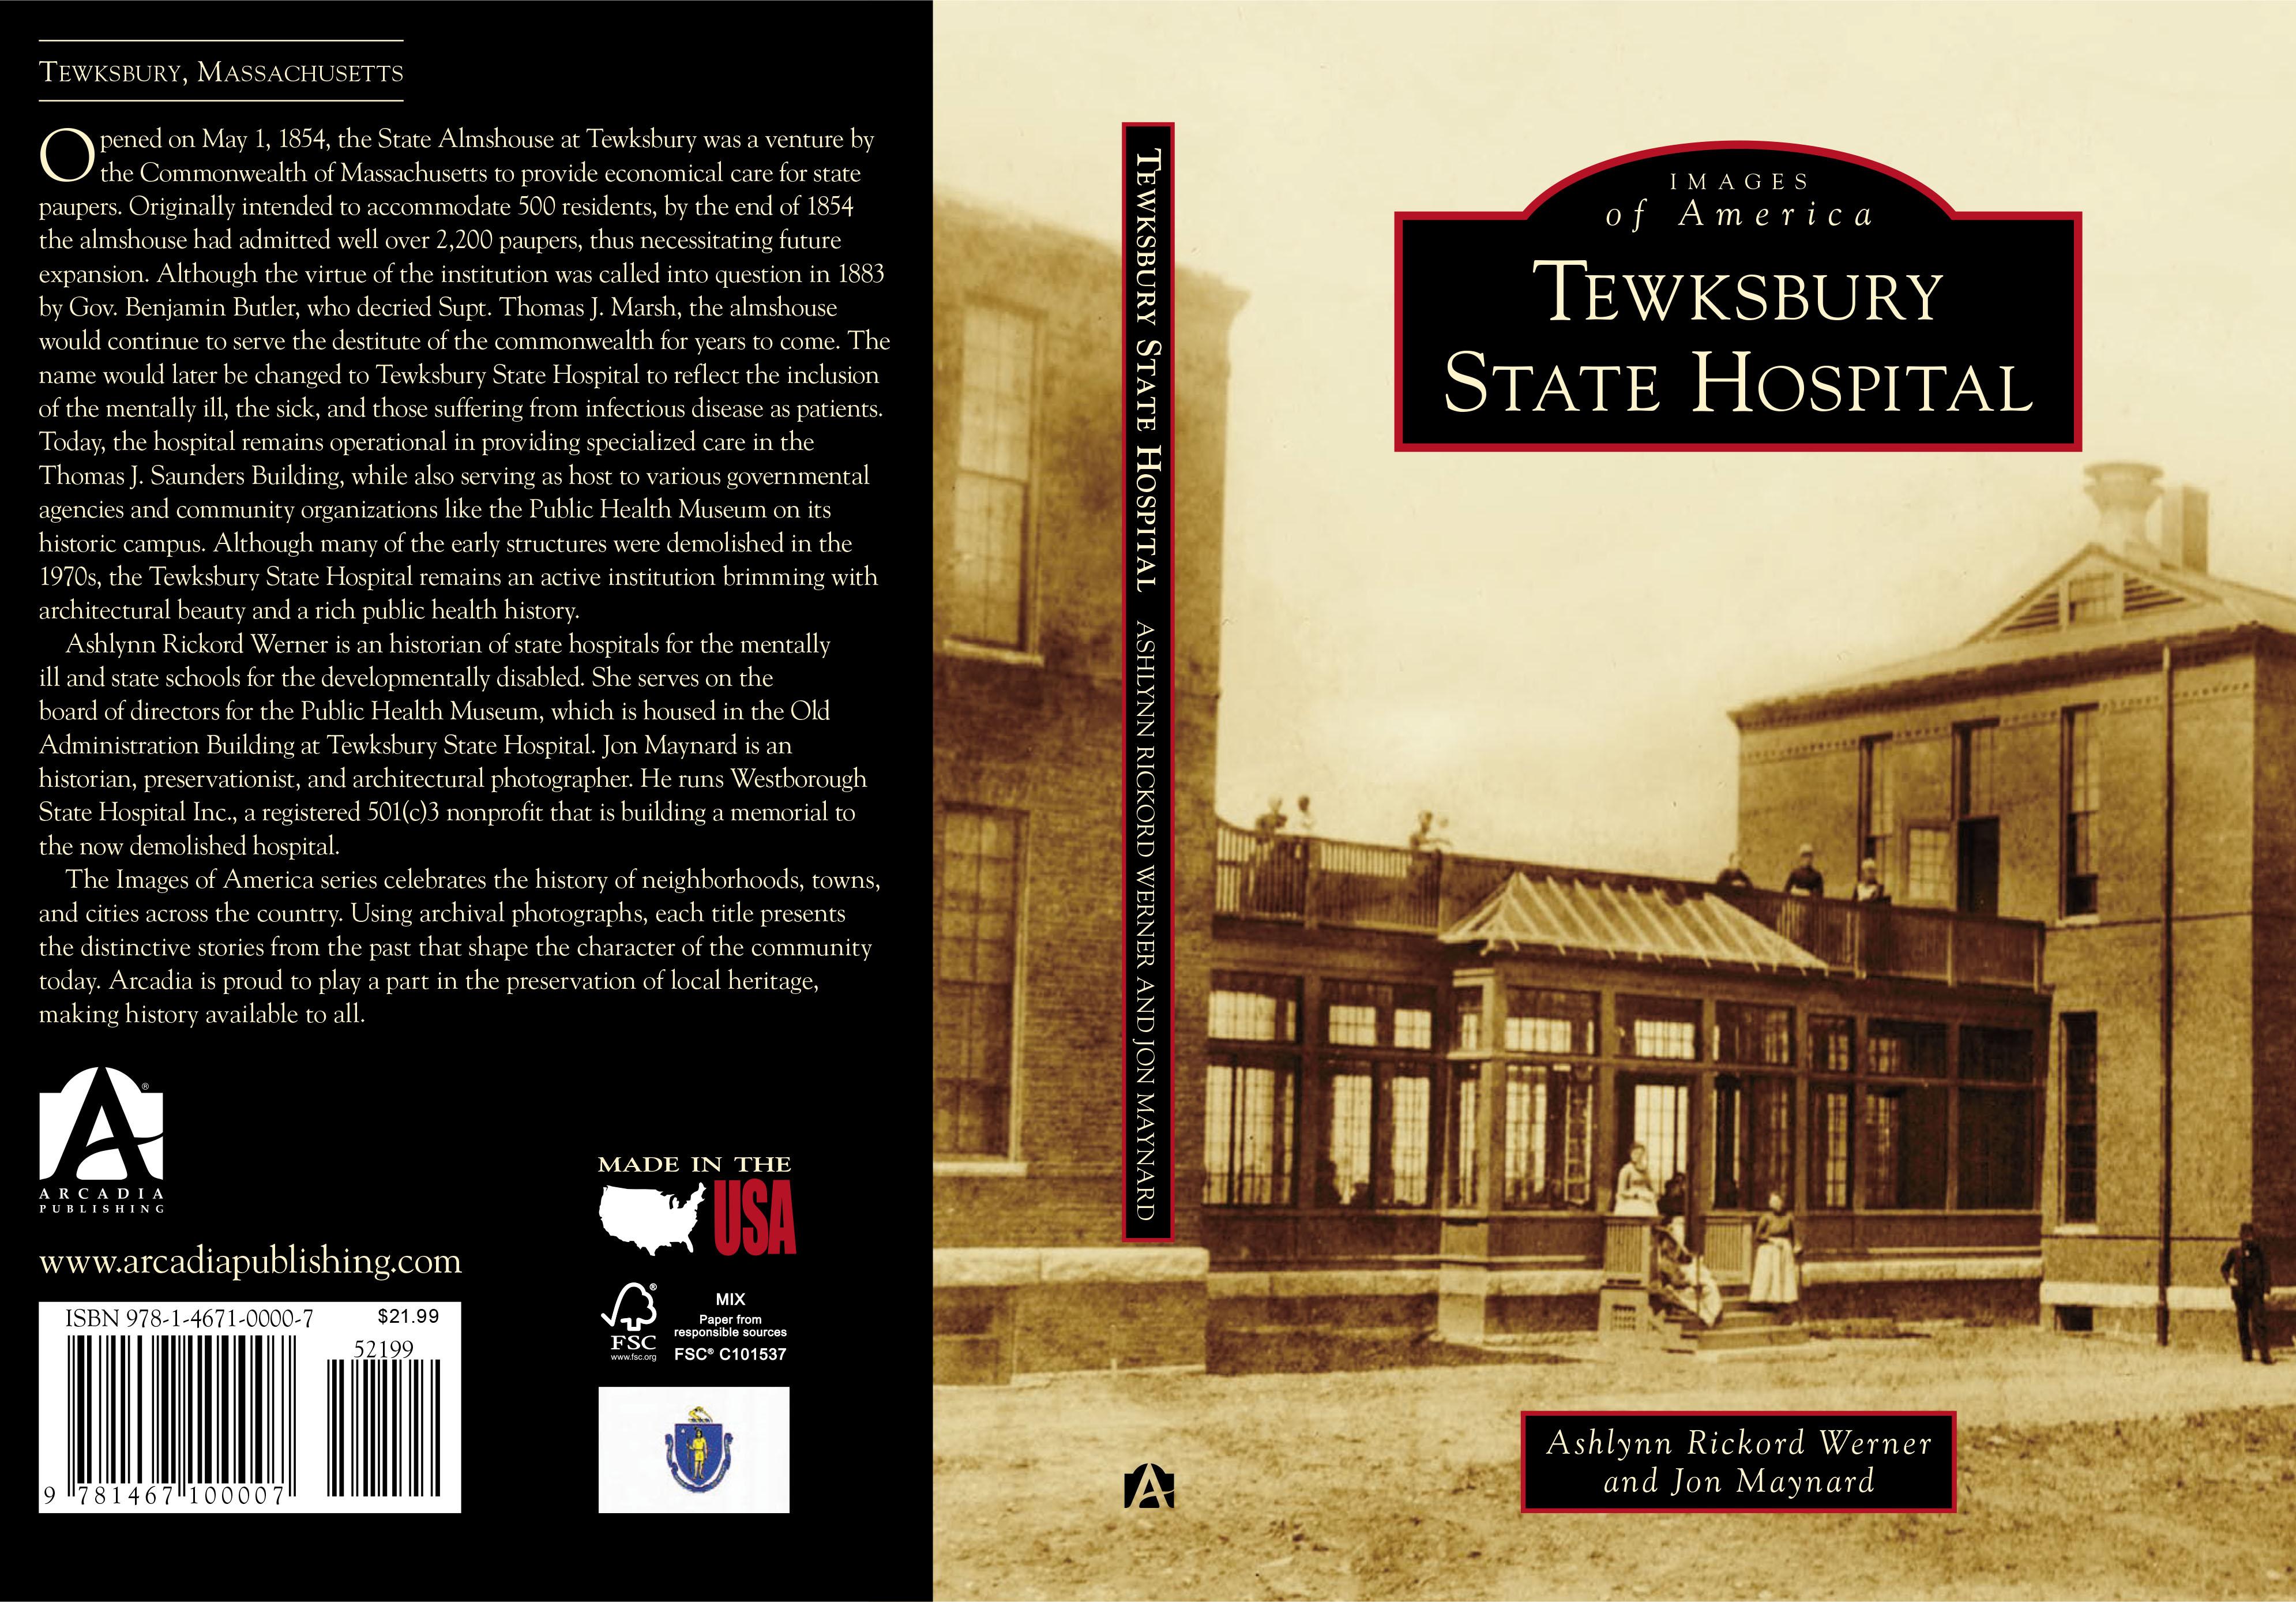 TSH Book Cover